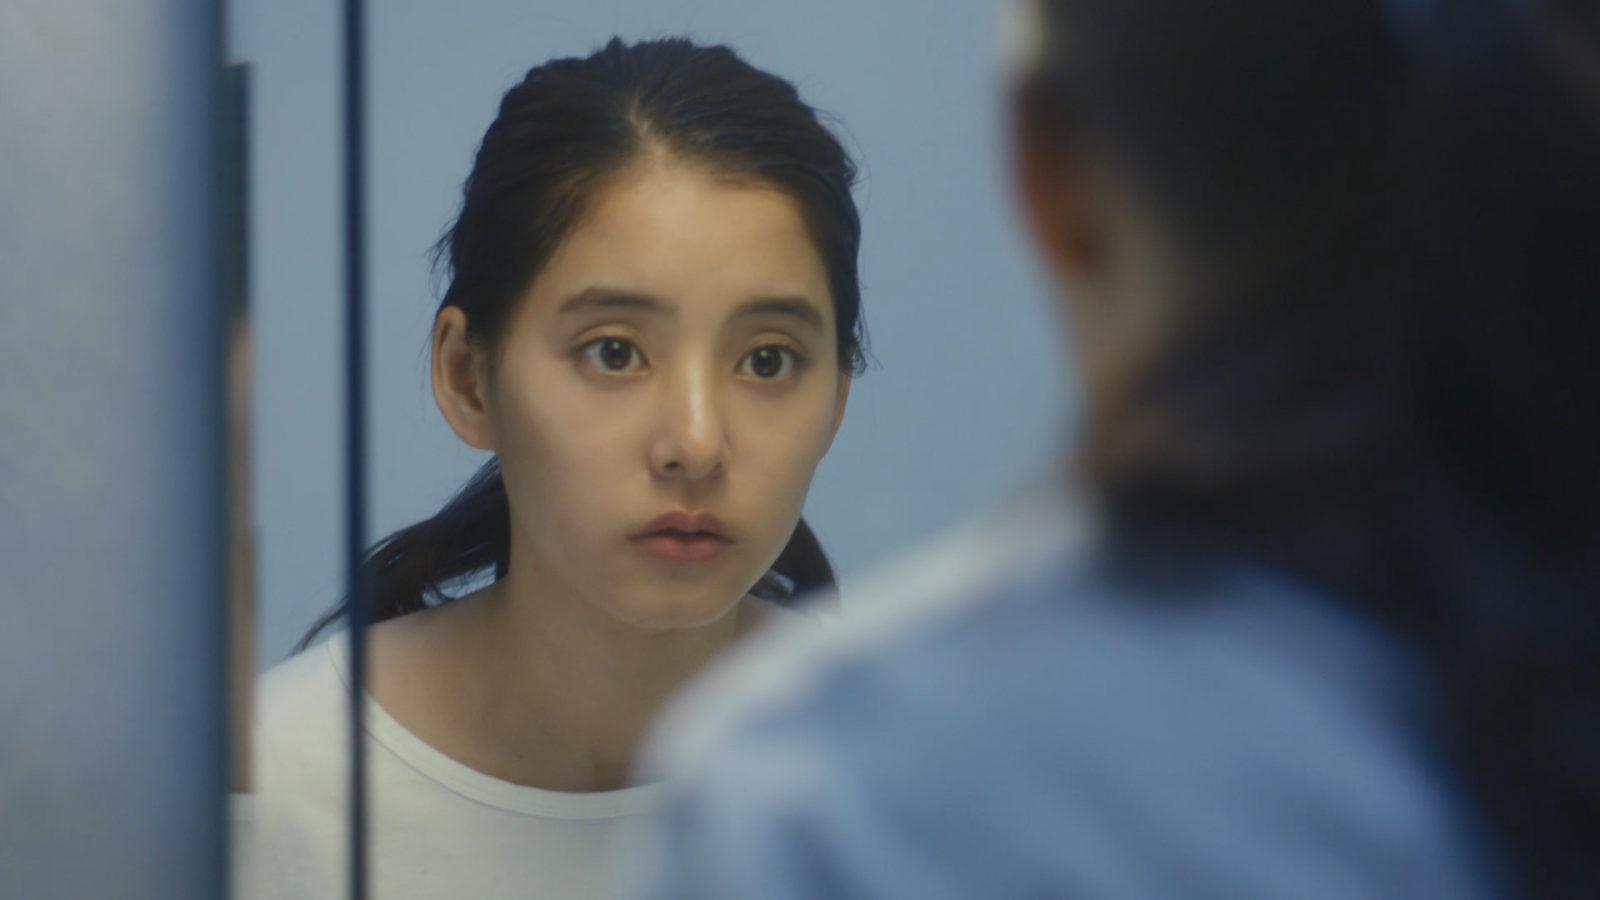 新木優子&清原翔 注目の「non-no」コラボが初共演で「恋人未満」関係画像42789